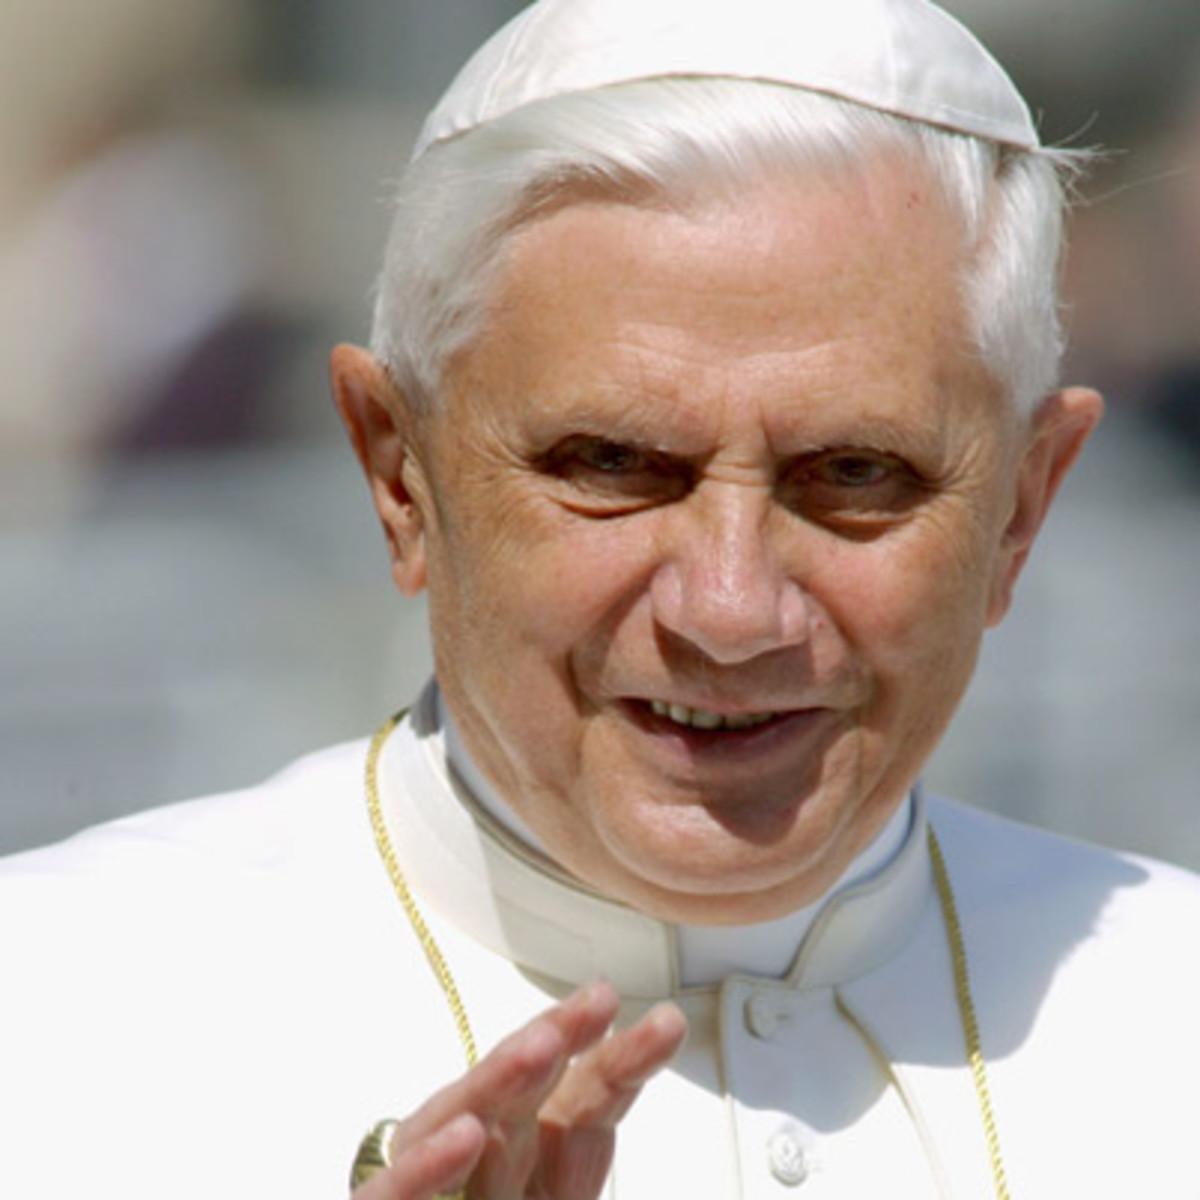 Pope Benedict XVI: Joseph Aloisius Ratzinger